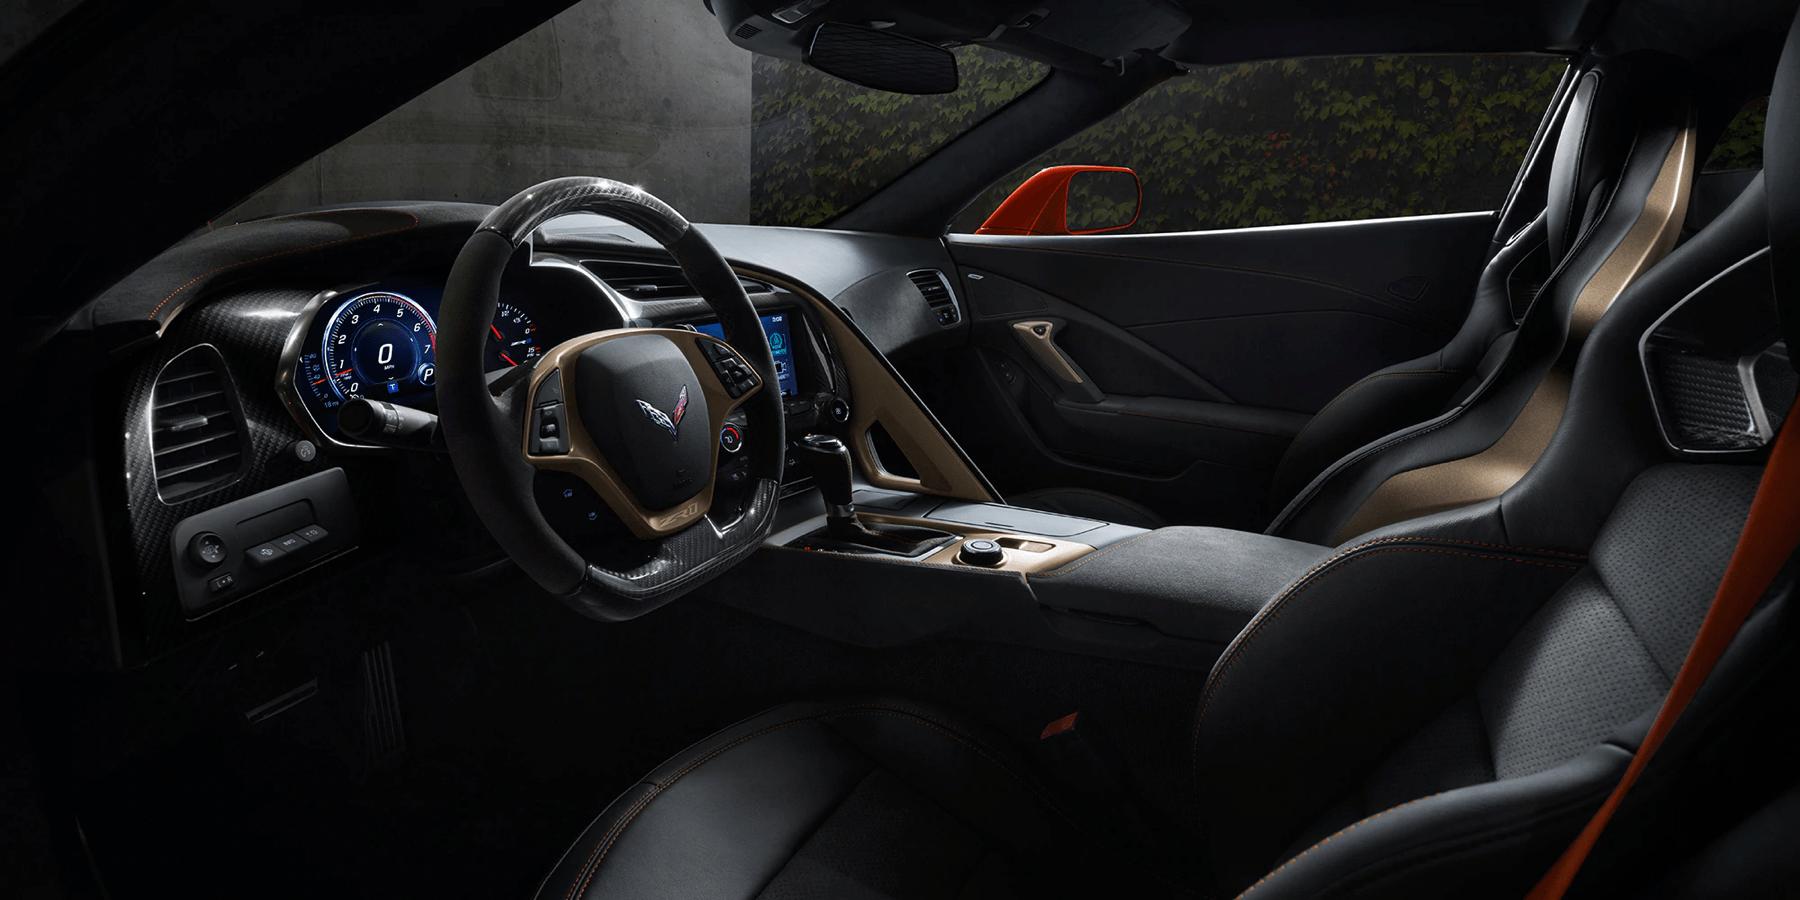 interior dashboard of Corvette ZR1